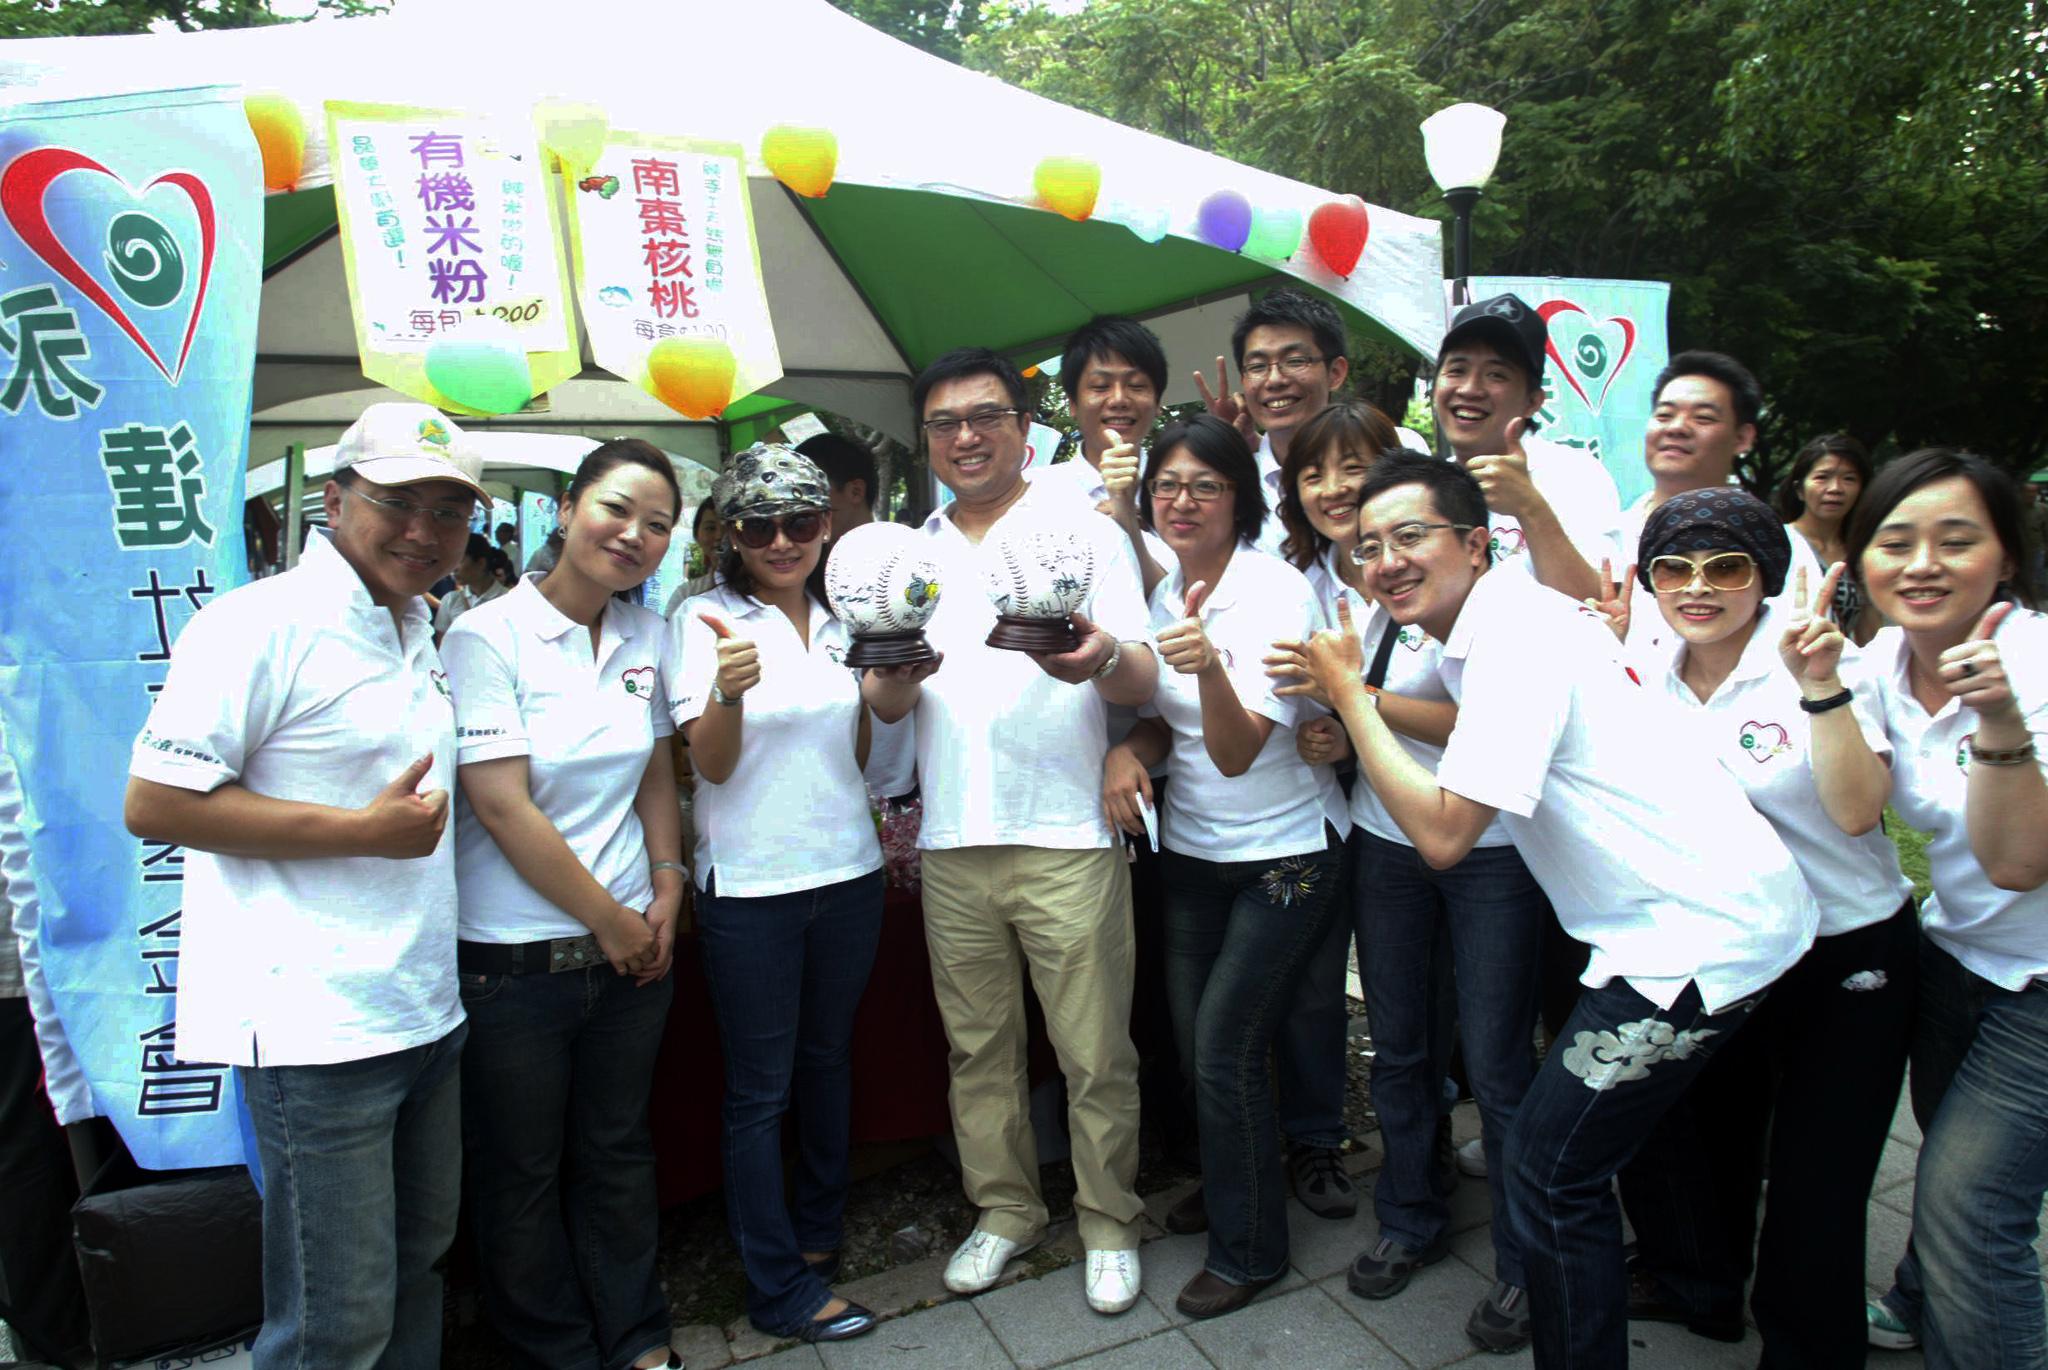 永達吳文永董事長買下兄弟象愛心簽名球。